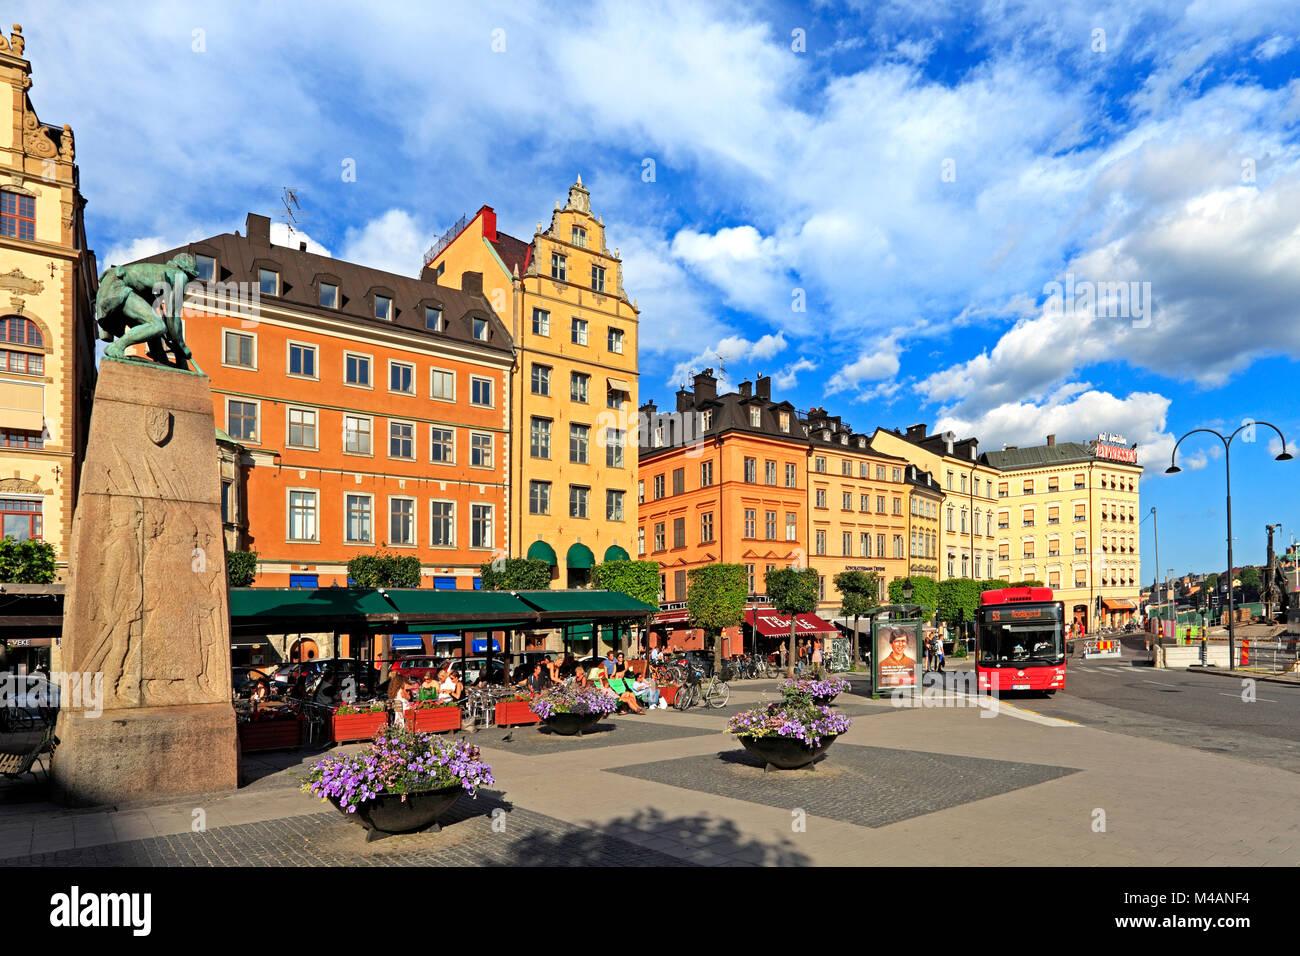 Stockholm / Sweden - 2013/08/01: Old town quarter - Kornhamnstorg street in Gamla Stan district - Stock Image